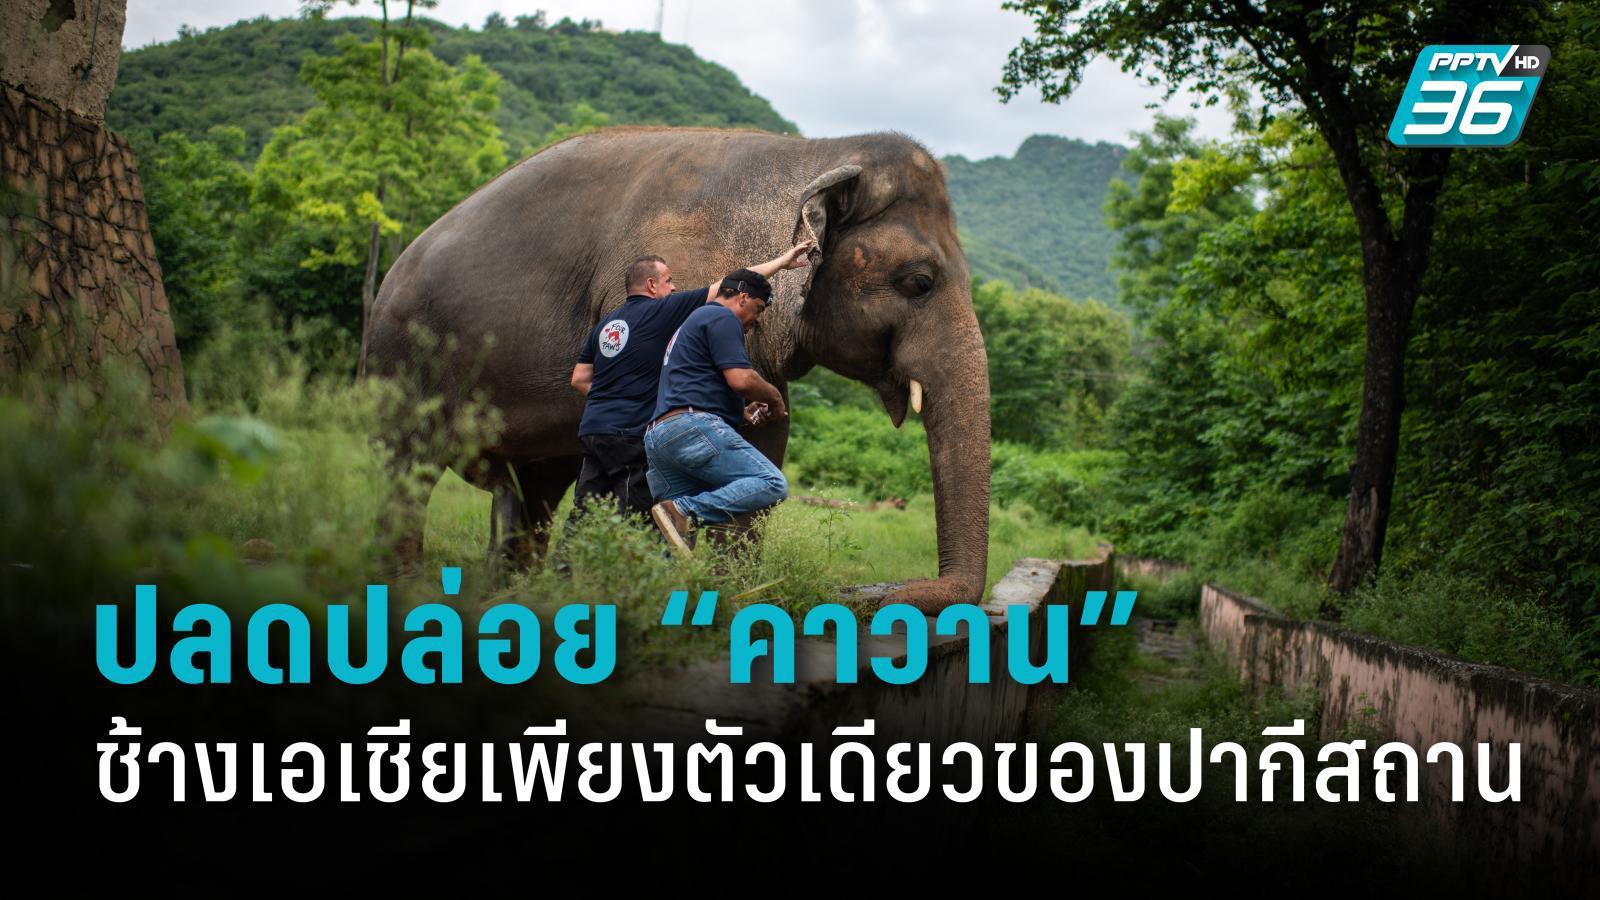 ช้างที่เดียวดายที่สุดในโลก ได้รับอิสรภาพจากสวนสัตว์แล้ว